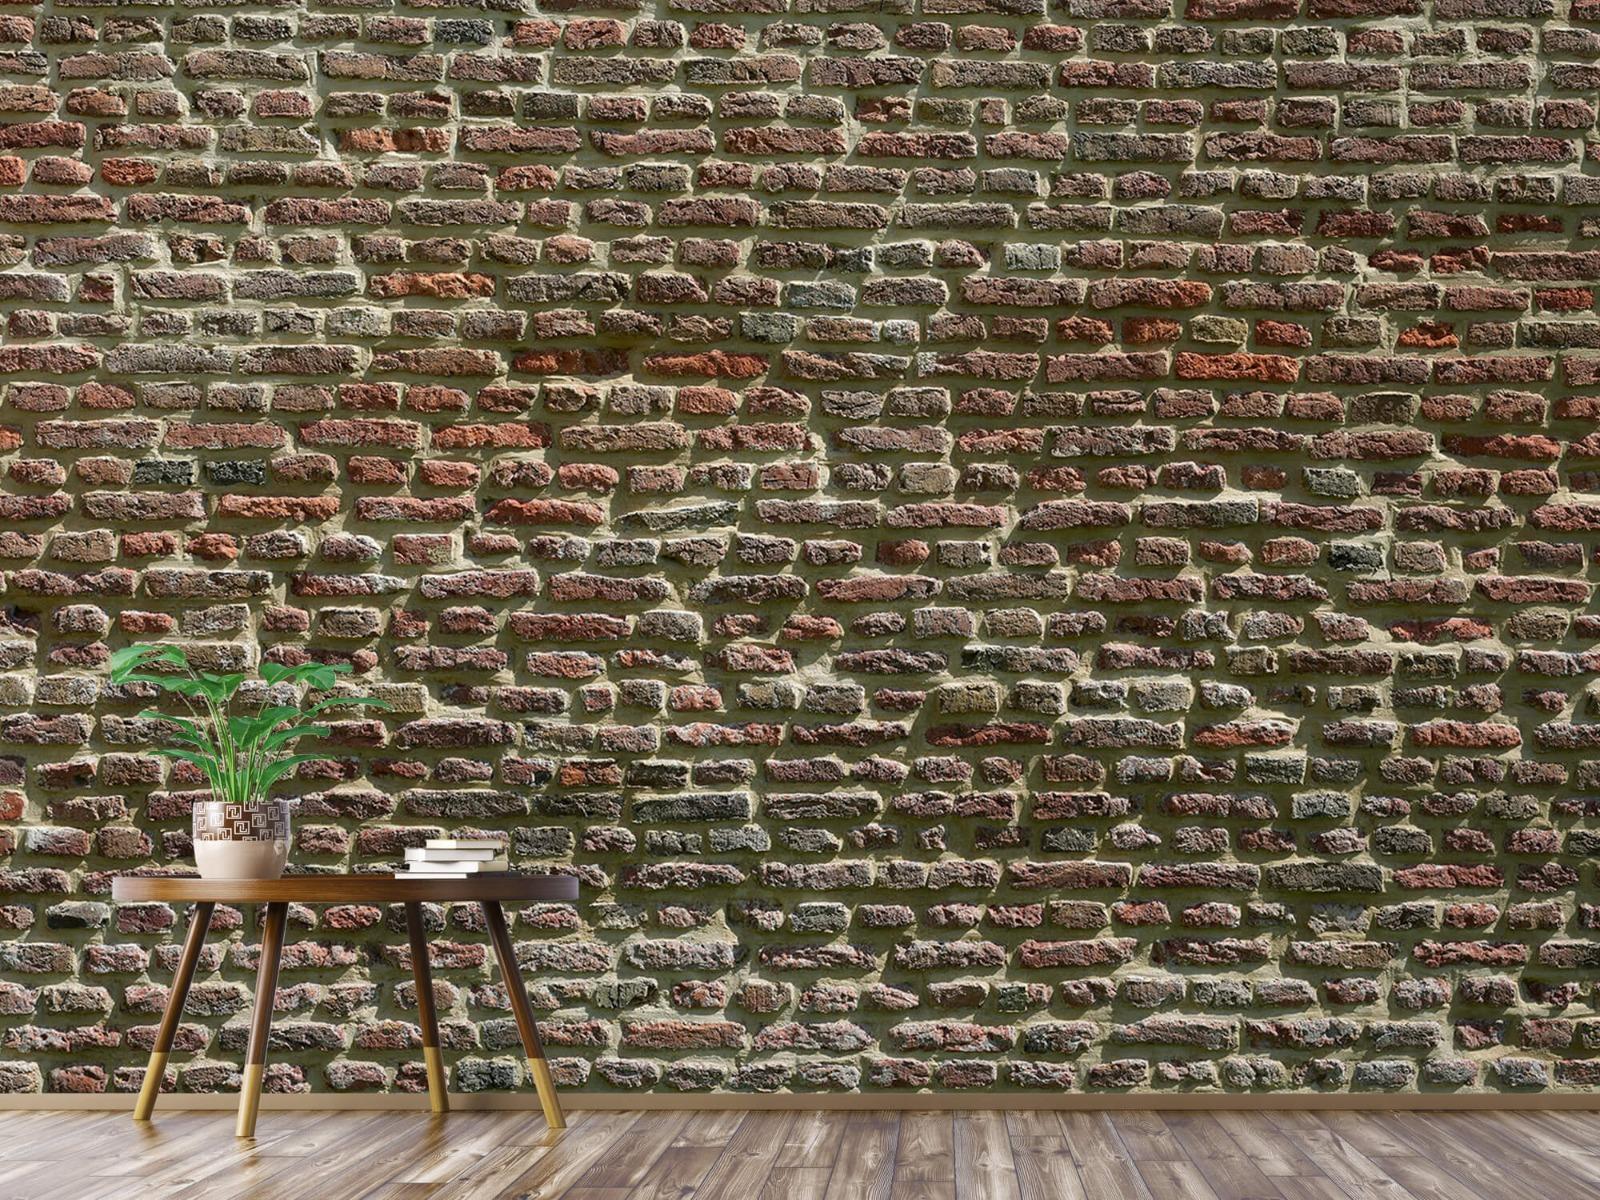 Stenen - Muur van oude bakstenen 6